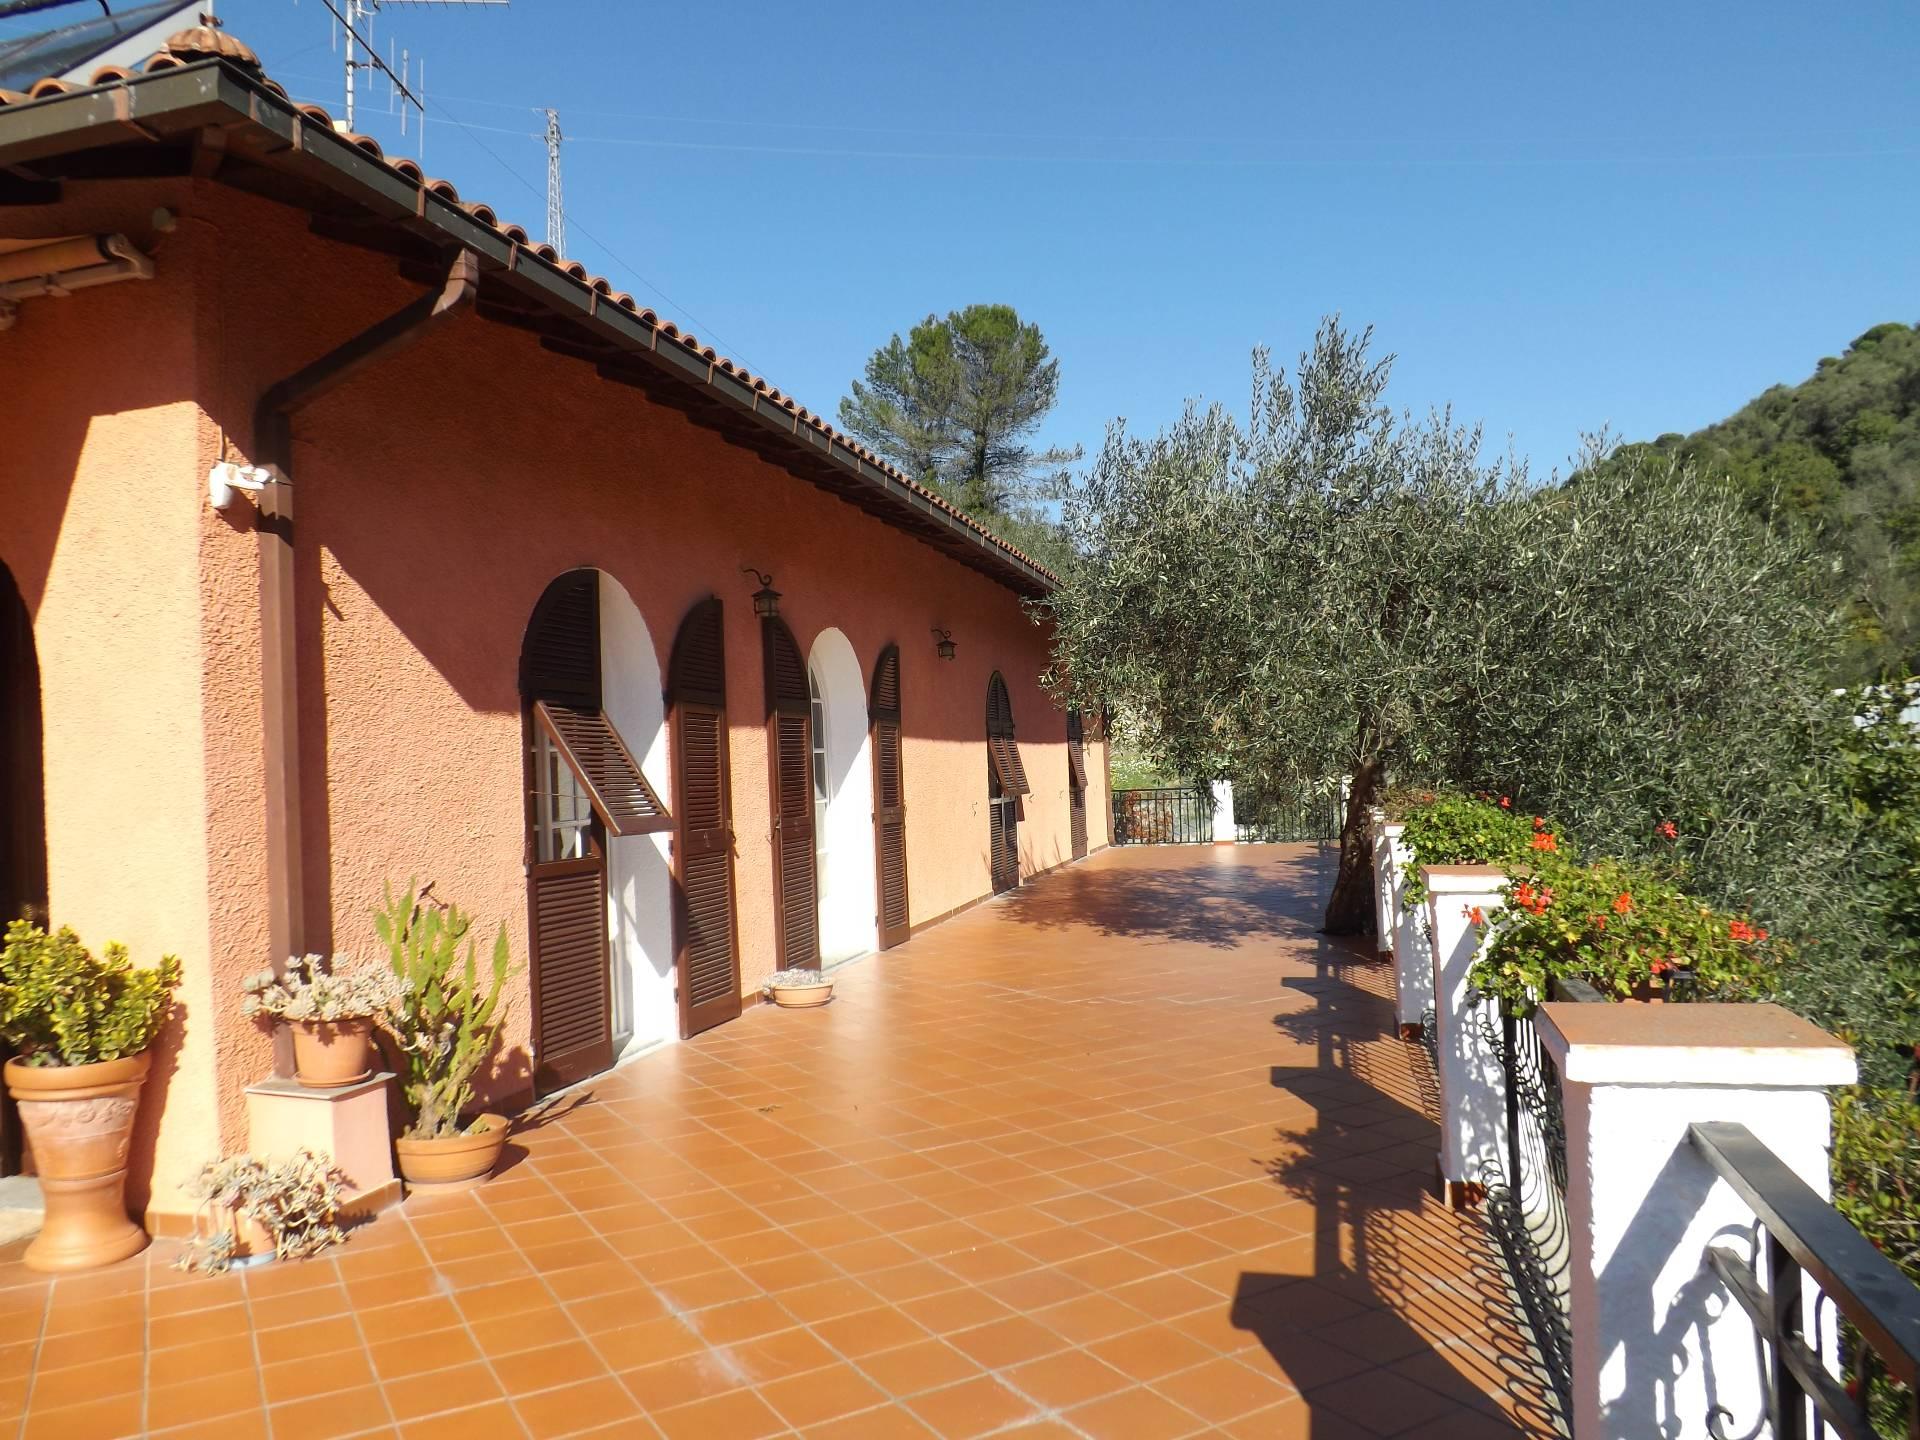 Villa in vendita a Diano Marina, 5 locali, prezzo € 348.000 | Cambio Casa.it